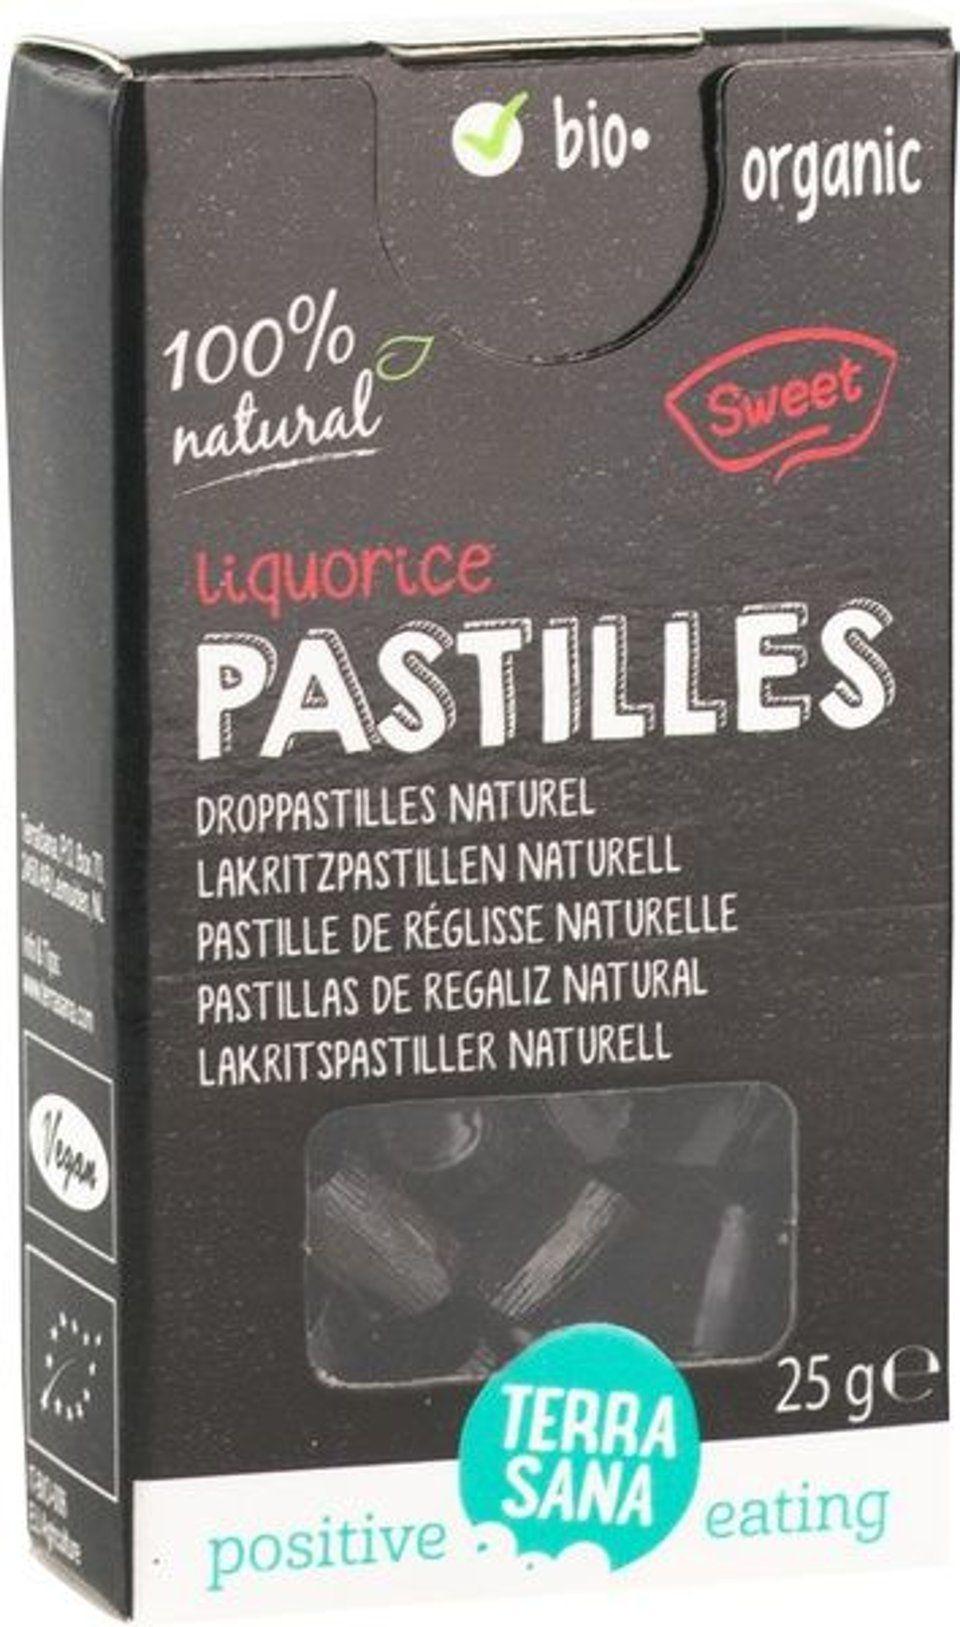 Droppastilles naturel